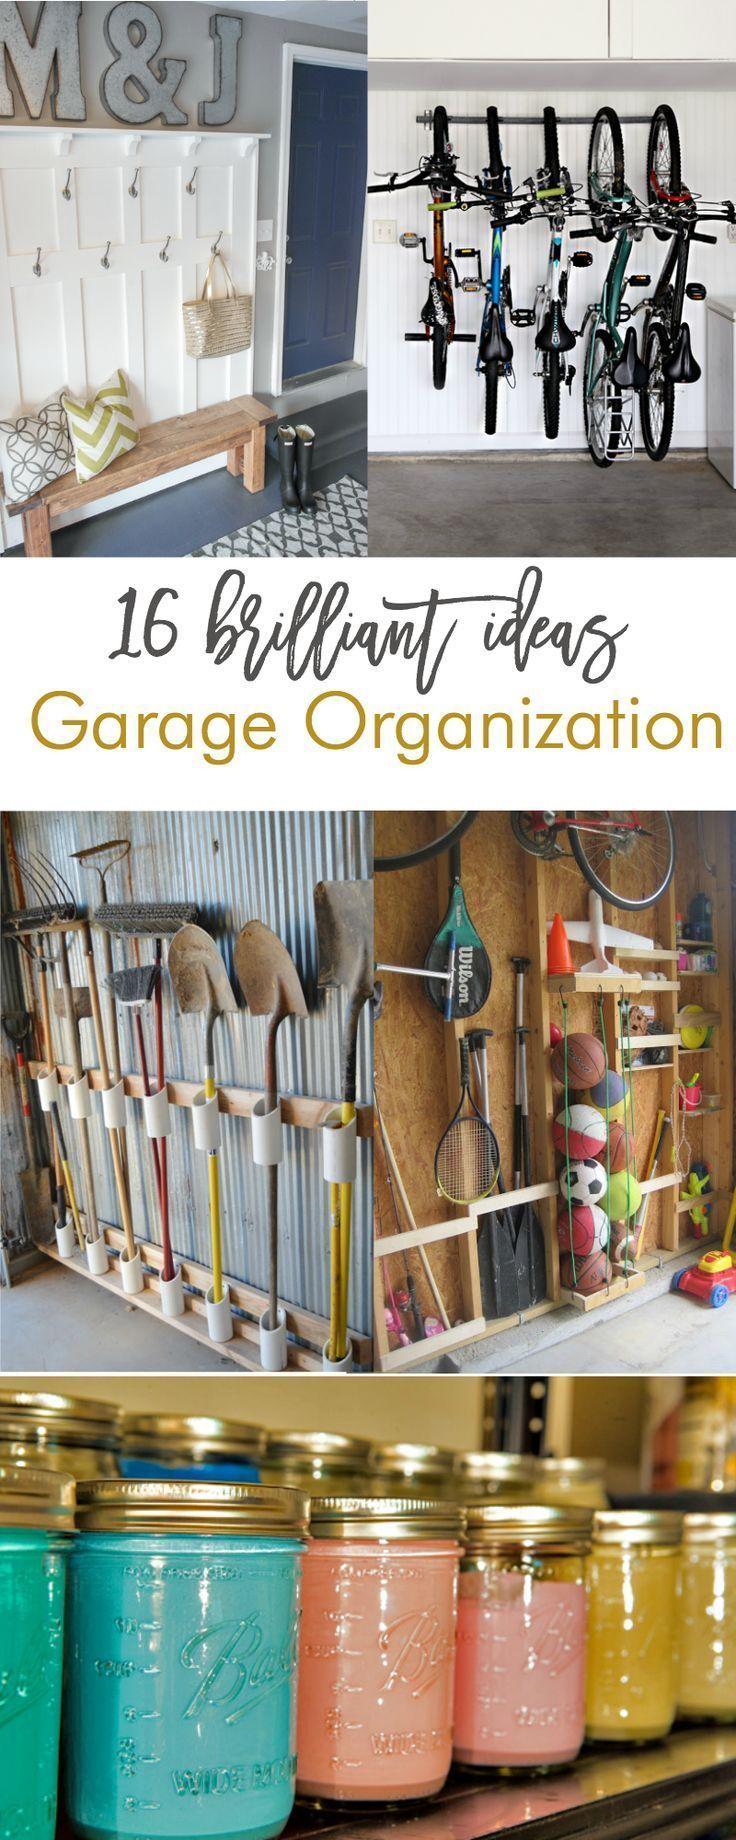 64 best garage organization images on pinterest garage 16 brilliant diy garage organization ideas